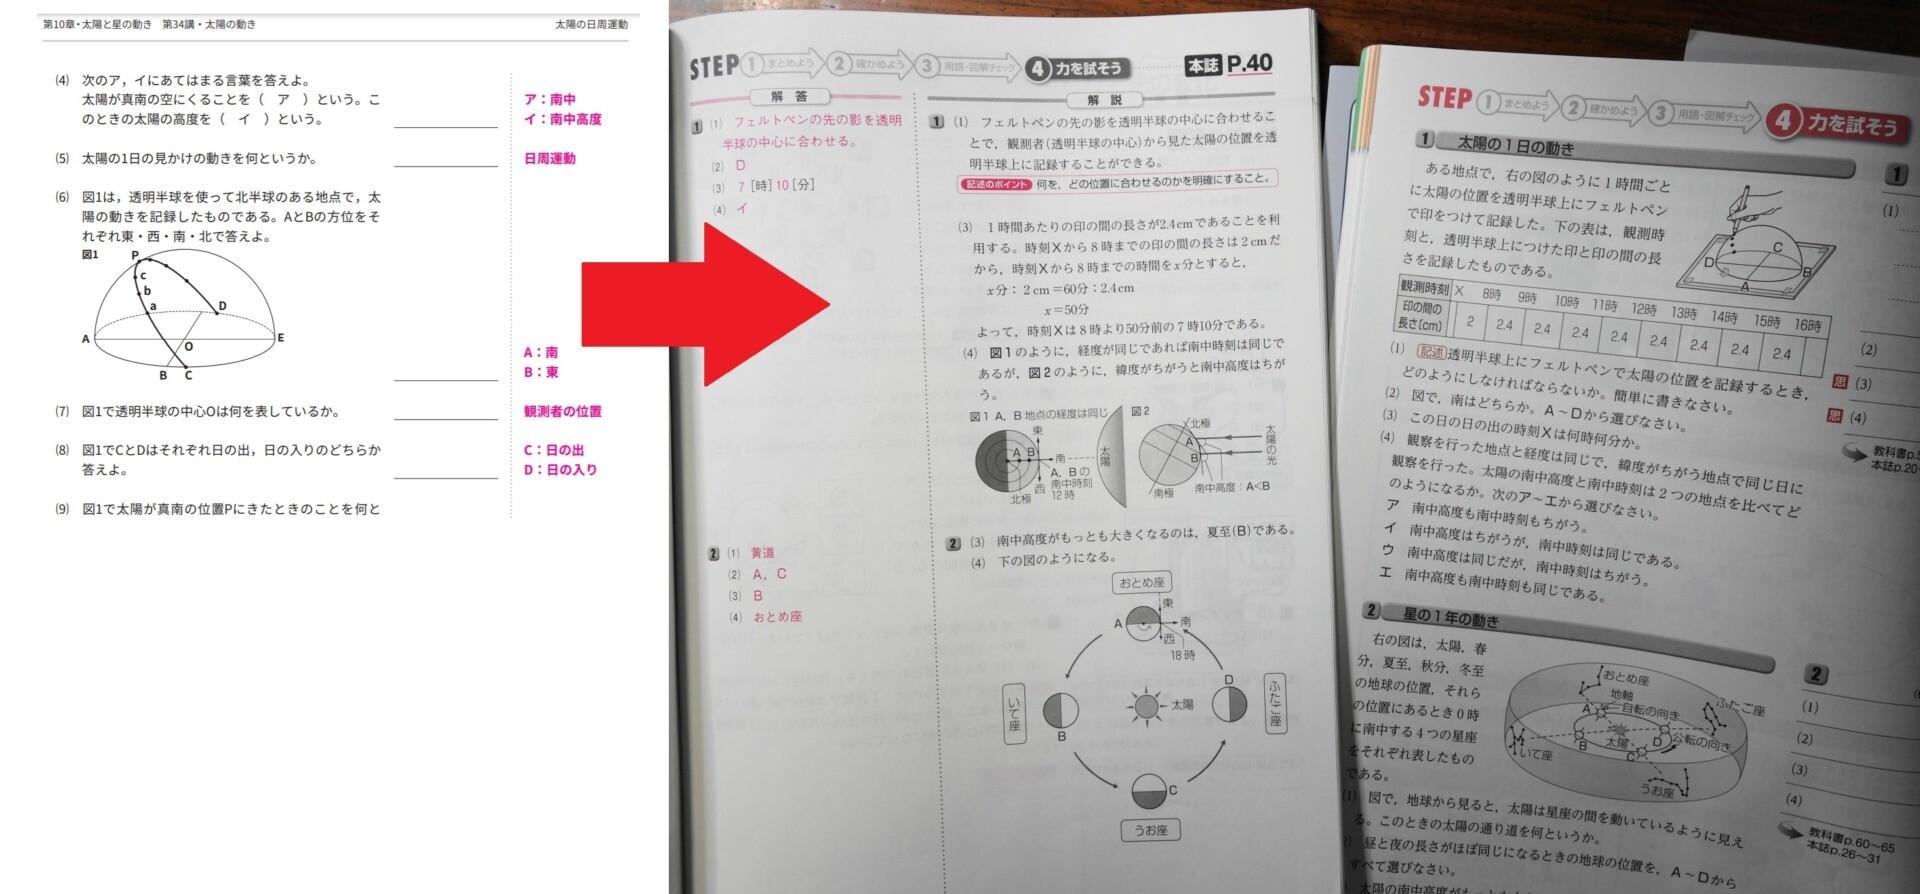 スタサプの確認テストとワークの難易度の比較